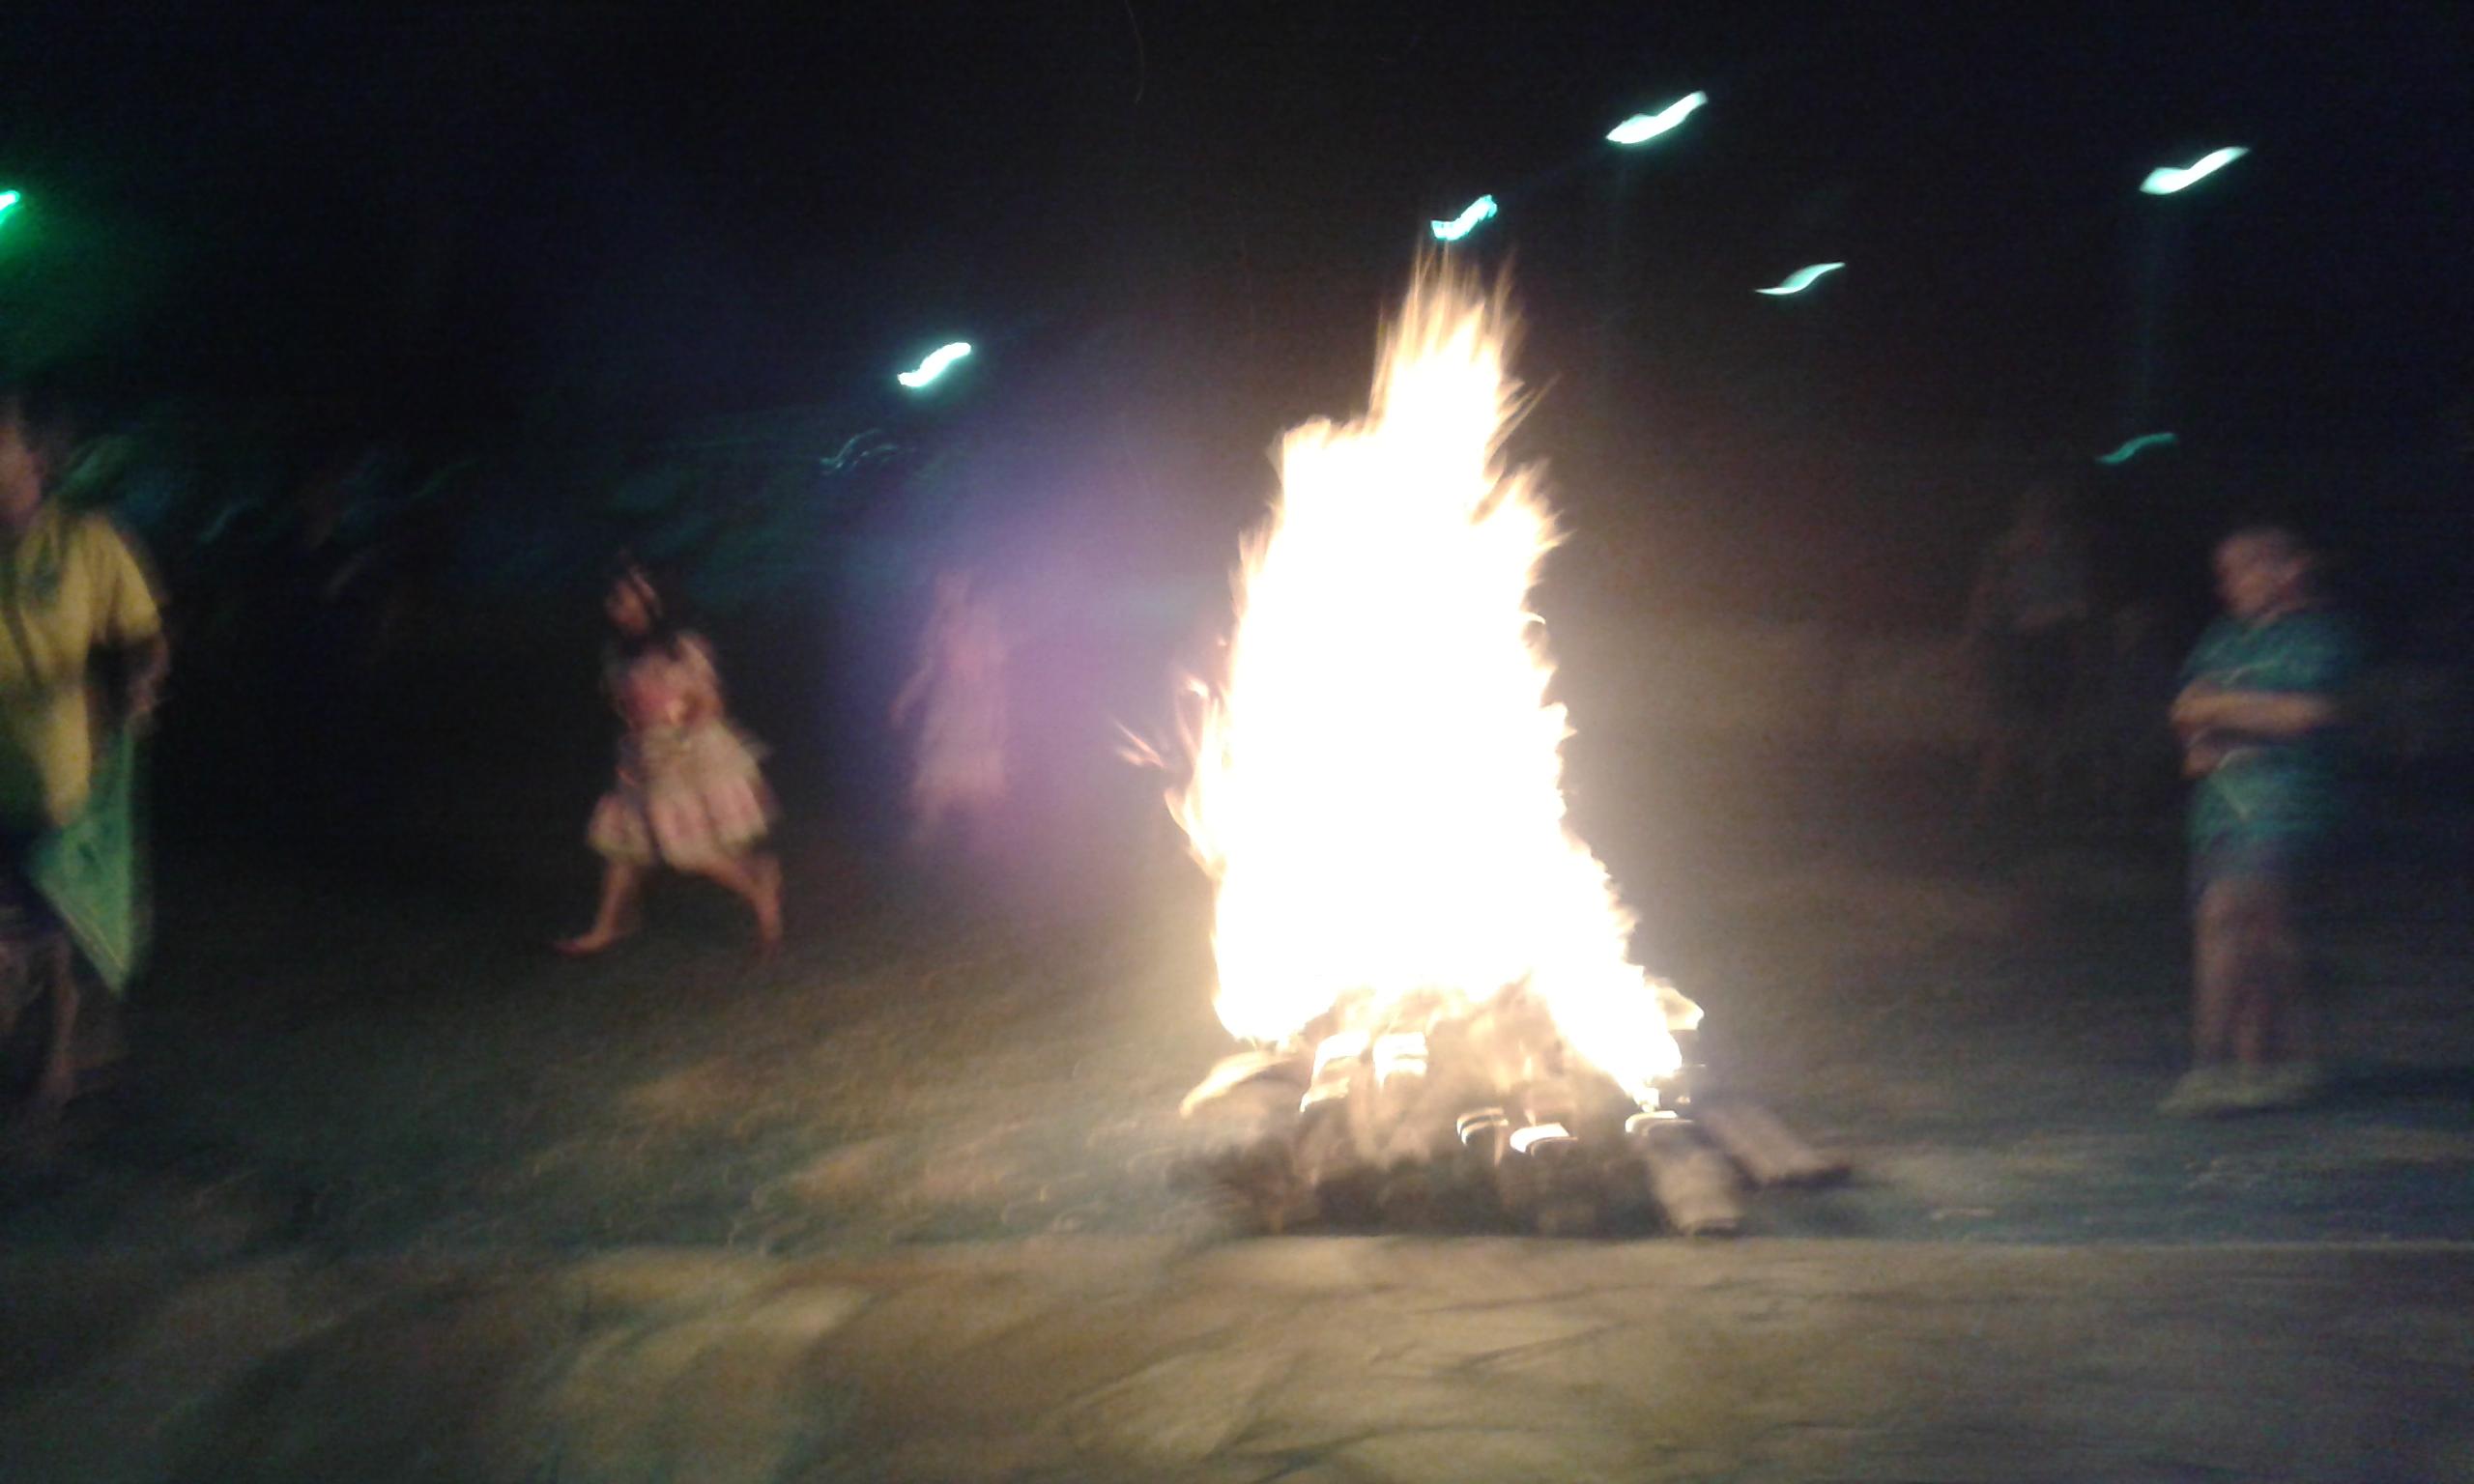 La célèbre Fogueira Junina du mois de juin. C'est une tradition du nord-est du Brésil. (Crédit photo: Fabio Santana).